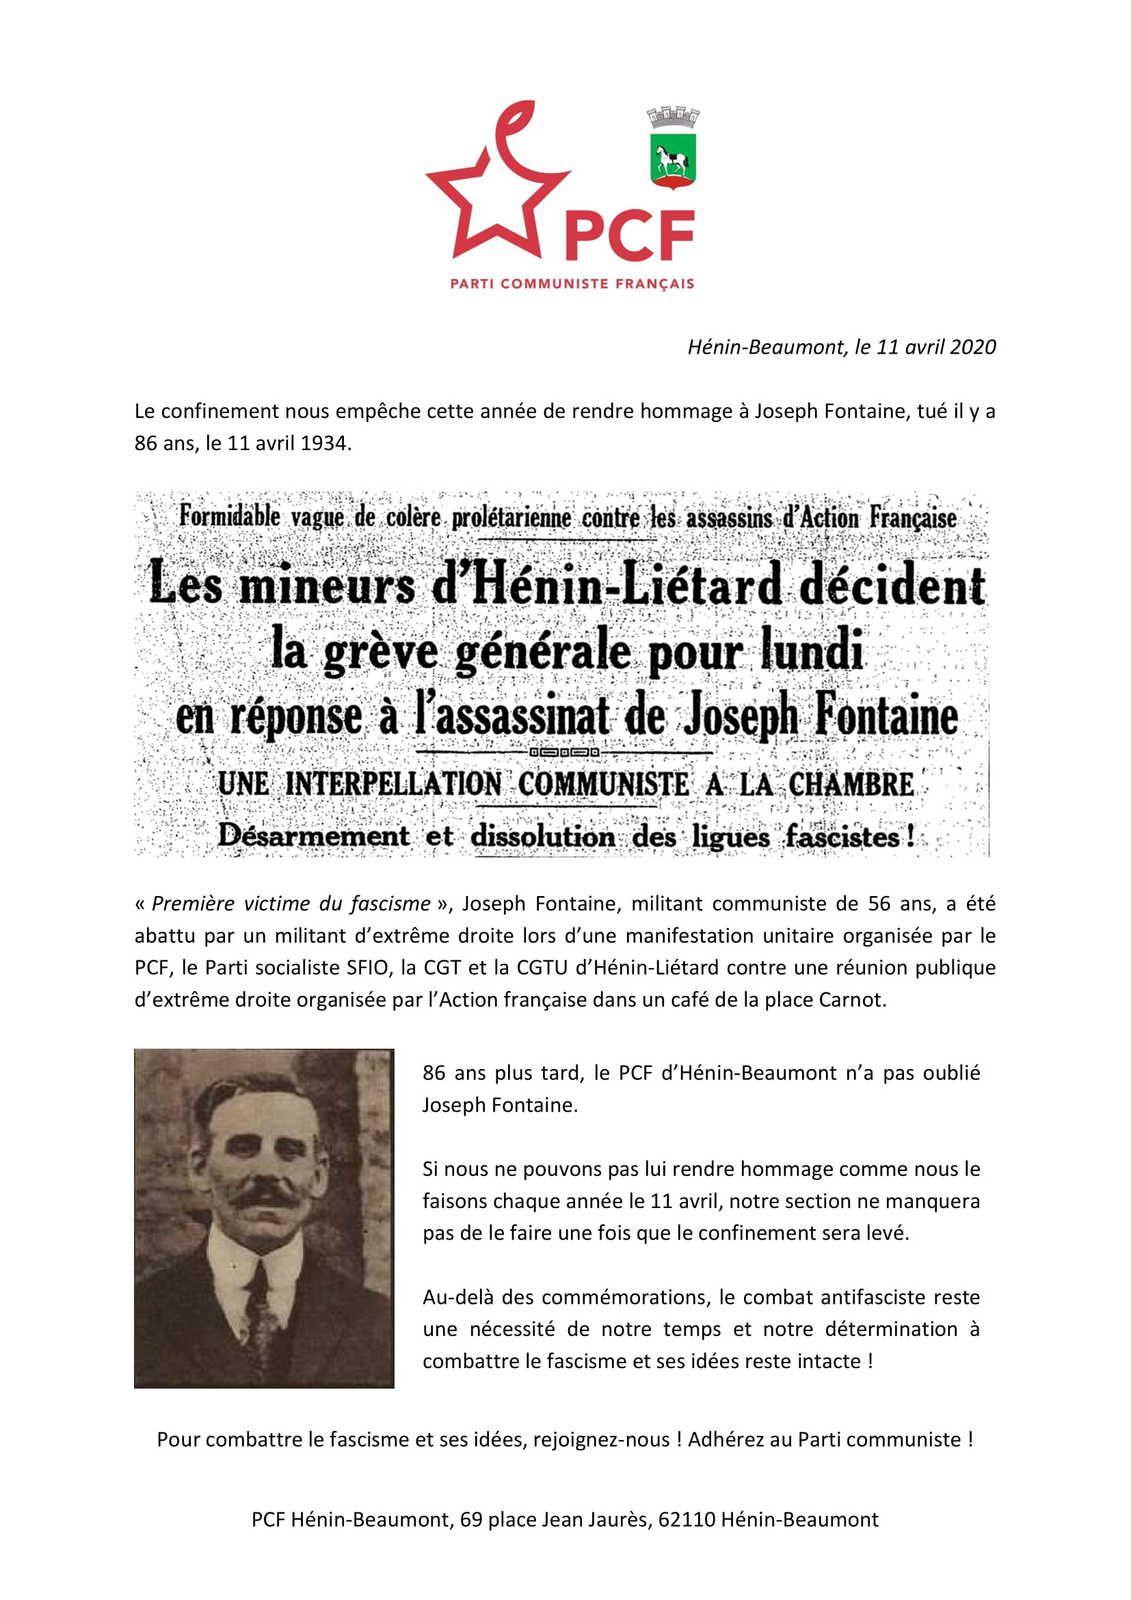 86ème anniversaire de la mort de Joseph Fontaine